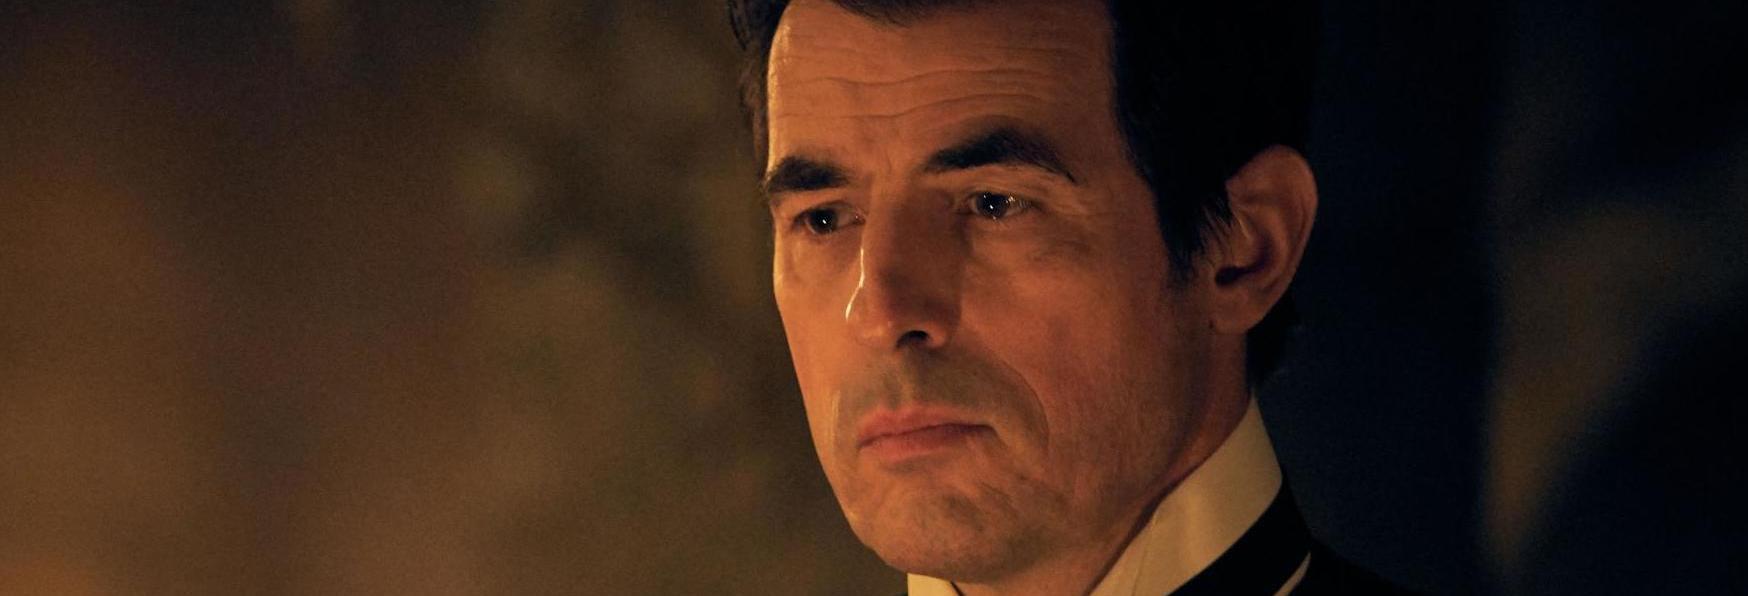 Dracula 1x03: Recensione dell'Ultimo Episodio della Miniserie e Giudizio Complessivo